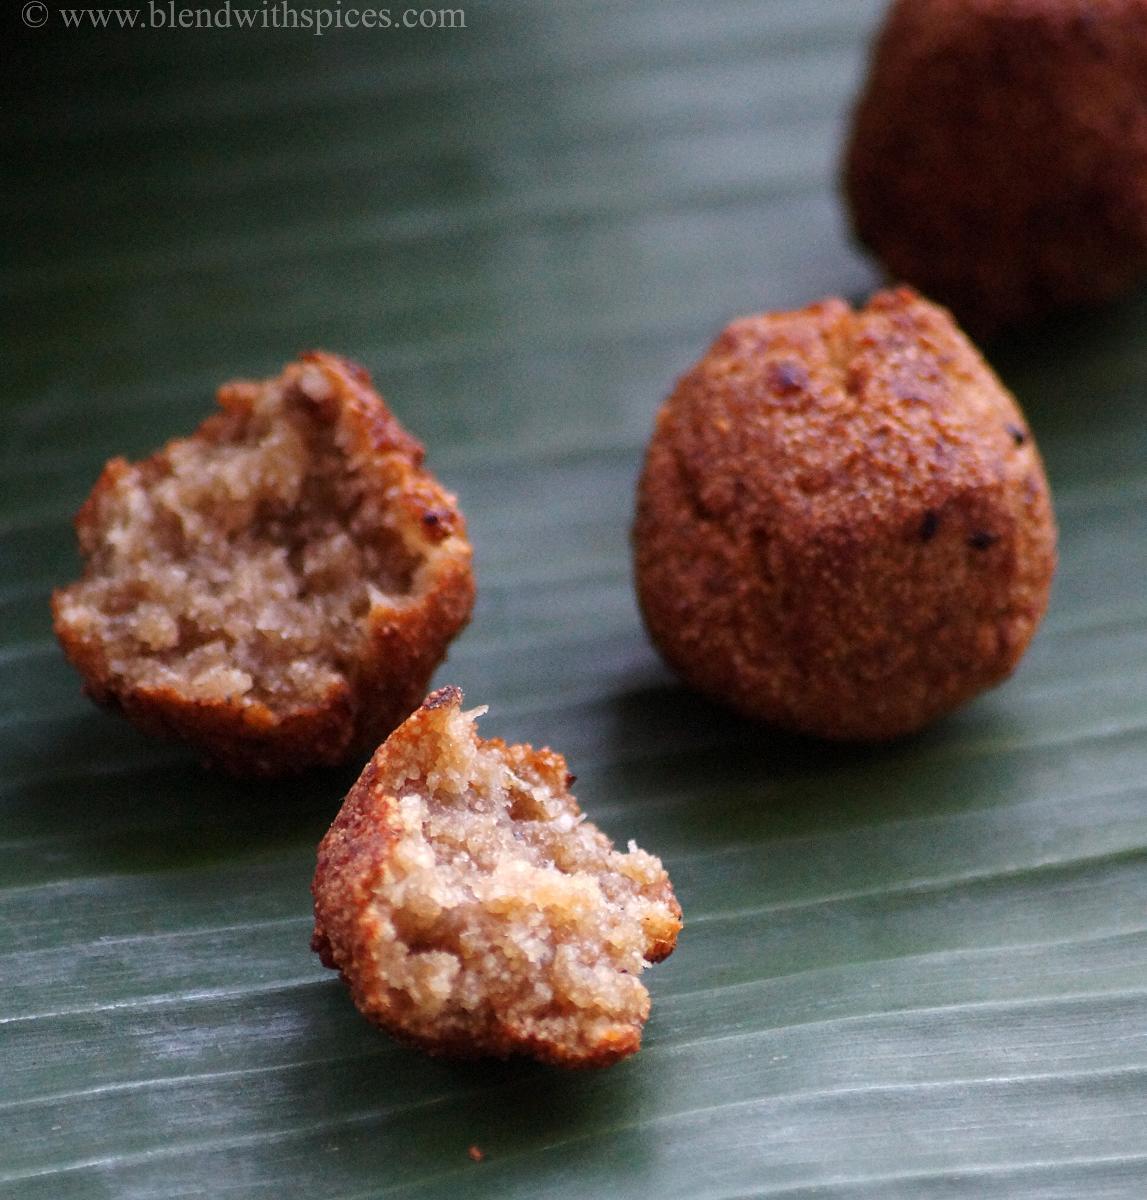 mulik recipe for ganesh chaturthi, vinayagar chaturthi special recipe